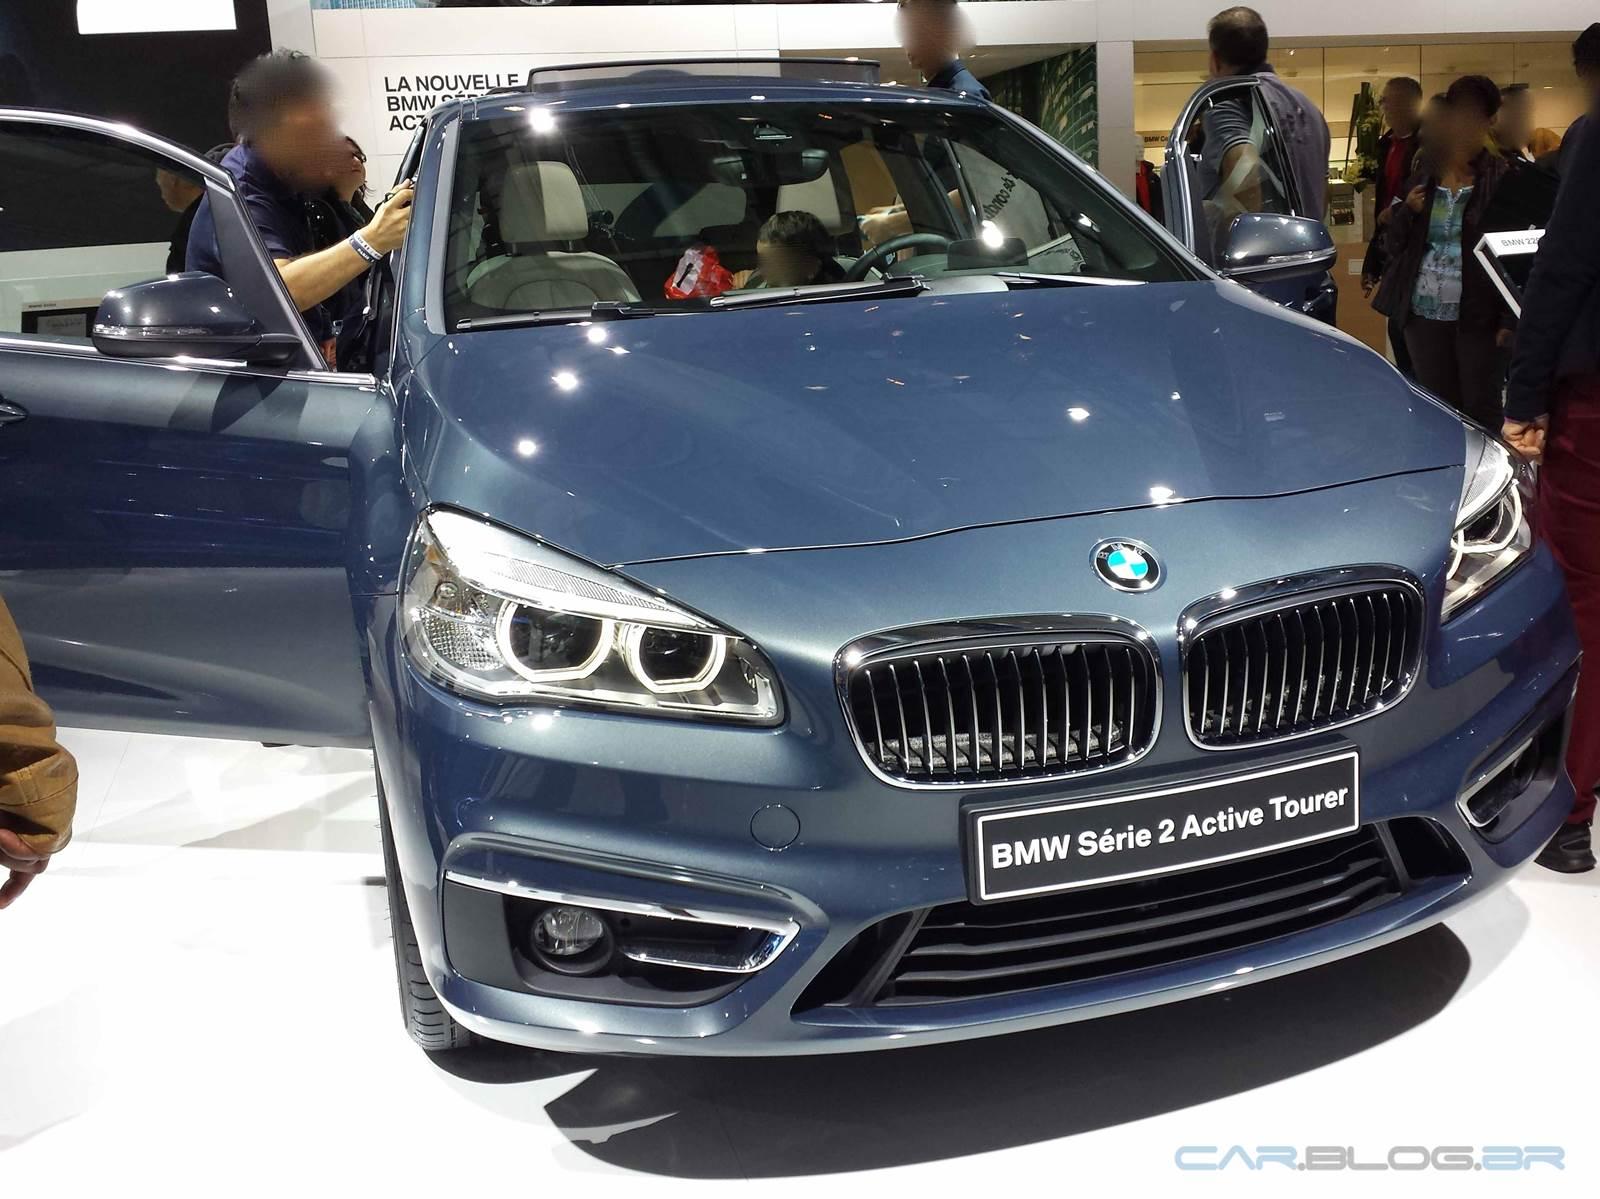 BMW Série 2 Active Tourer - Brasil